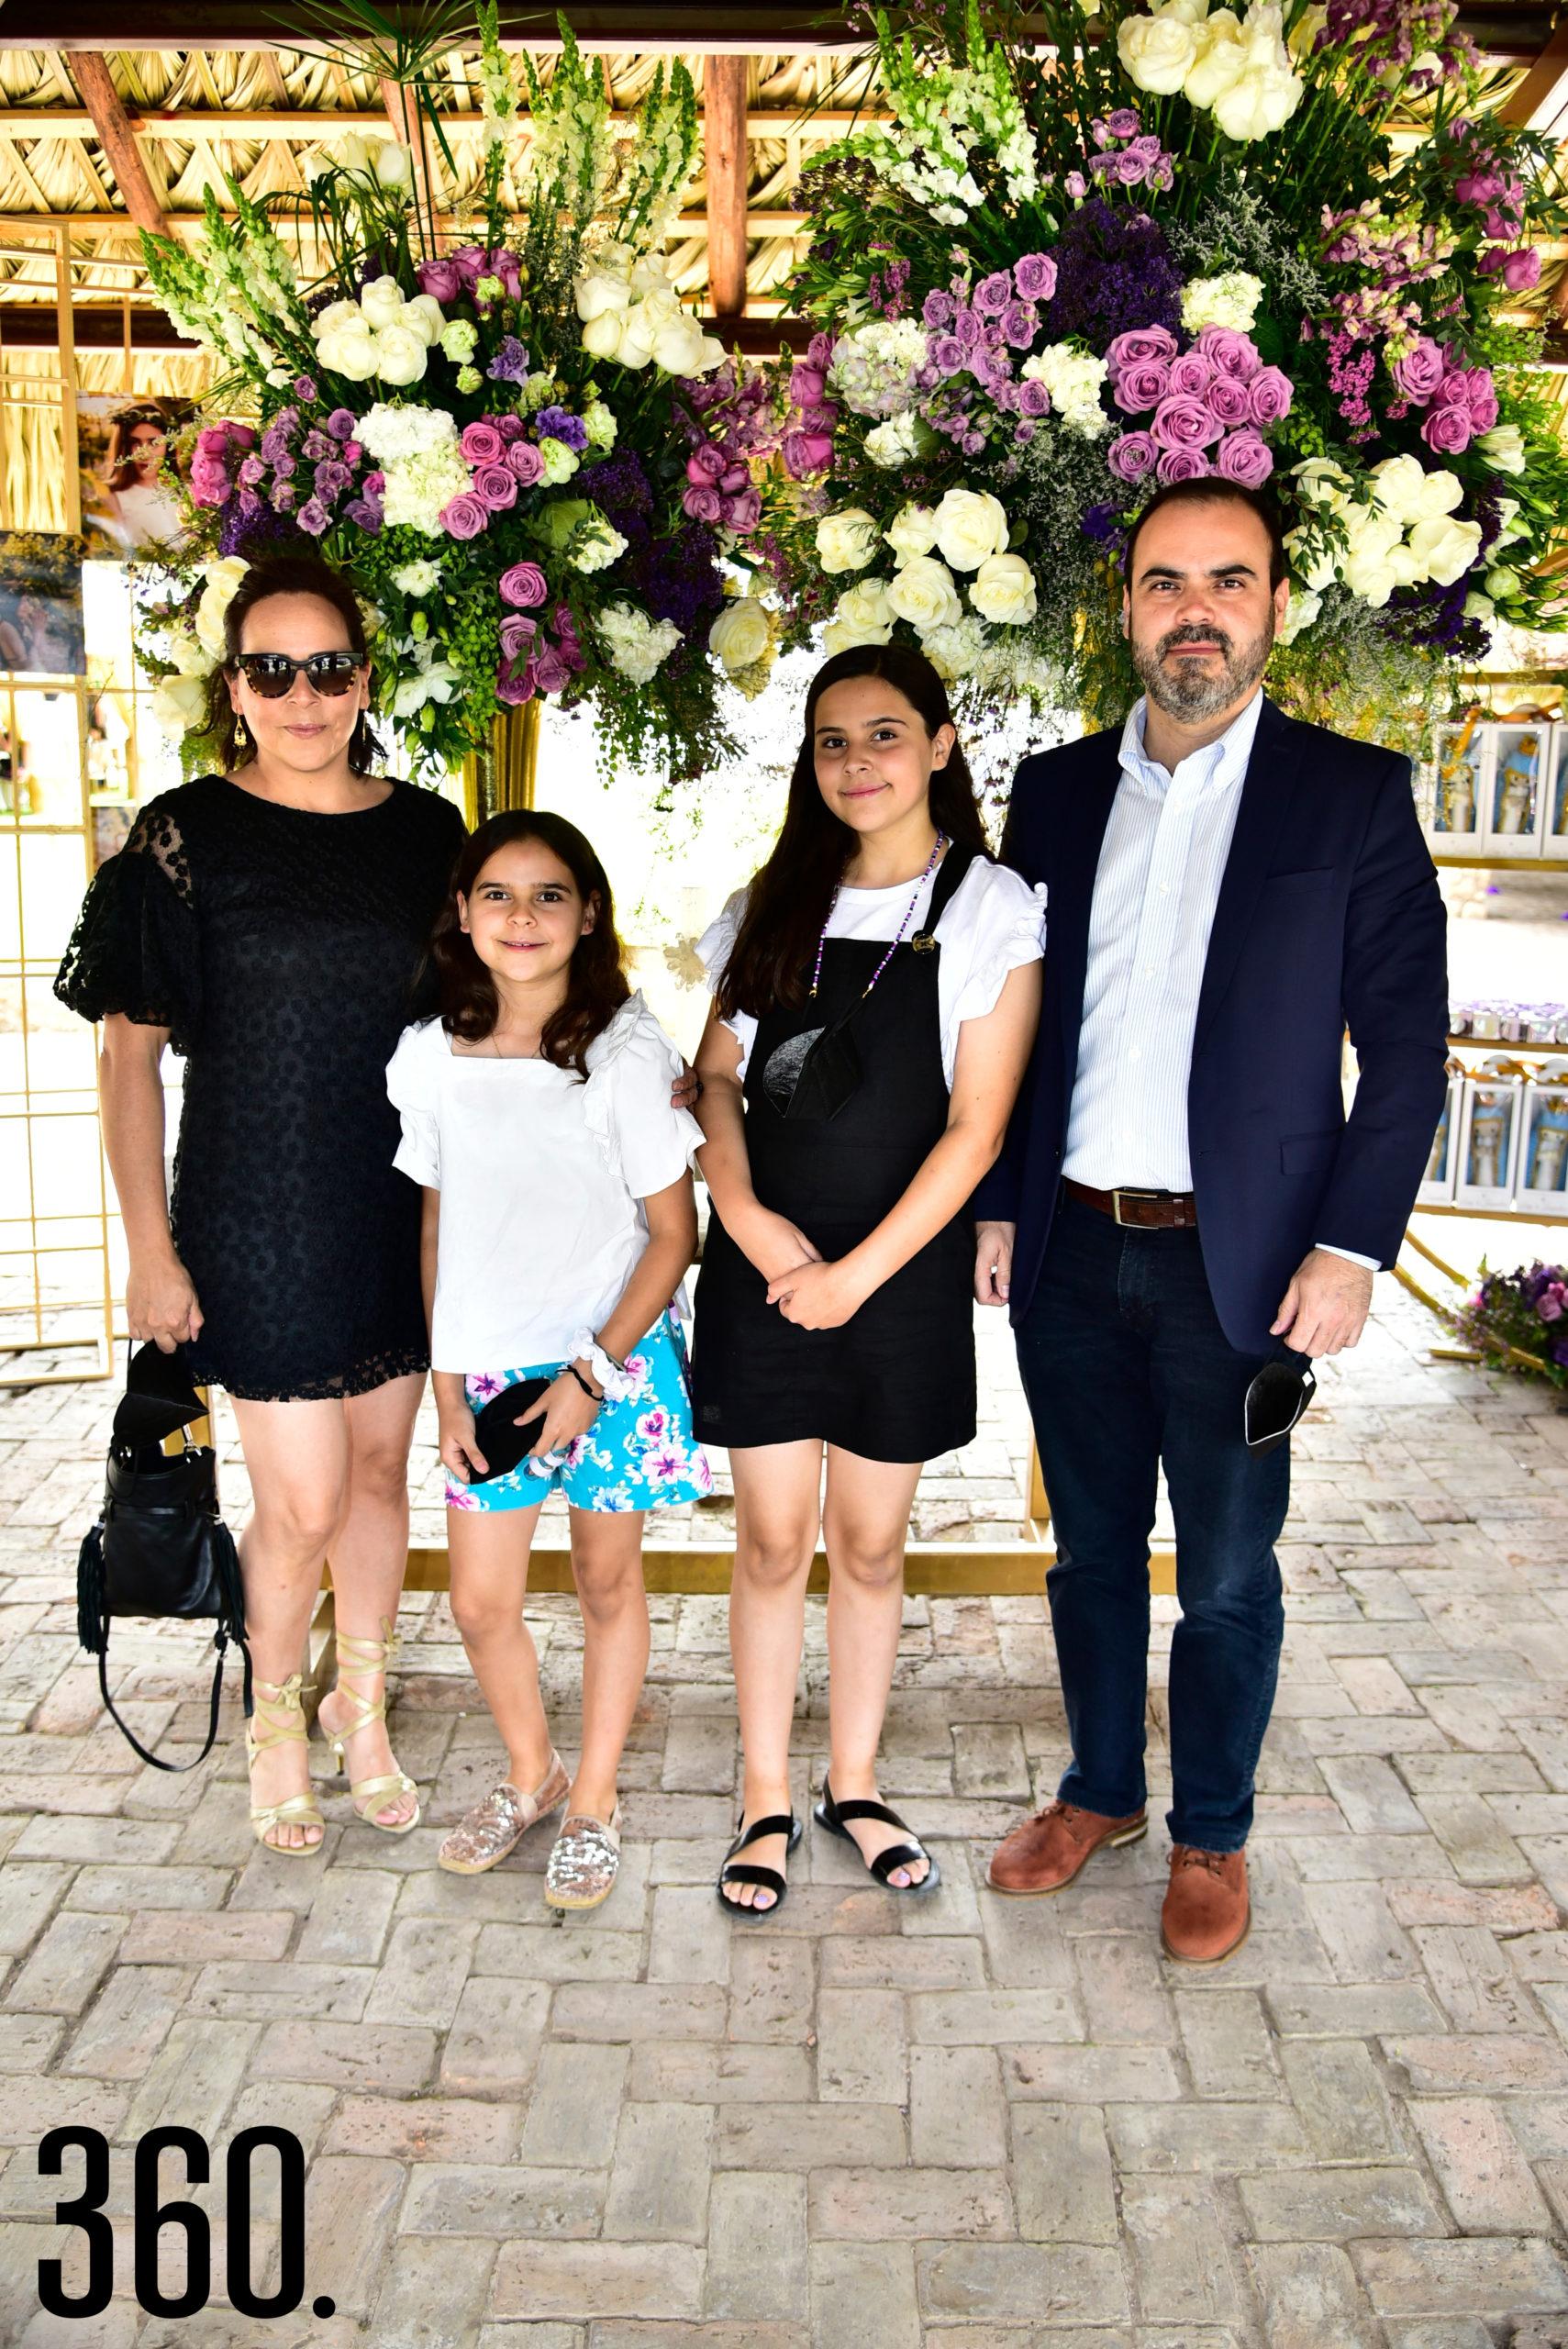 Lía Galán, María Sánchez, Lía Sánchez y Ricardo Sánchez.